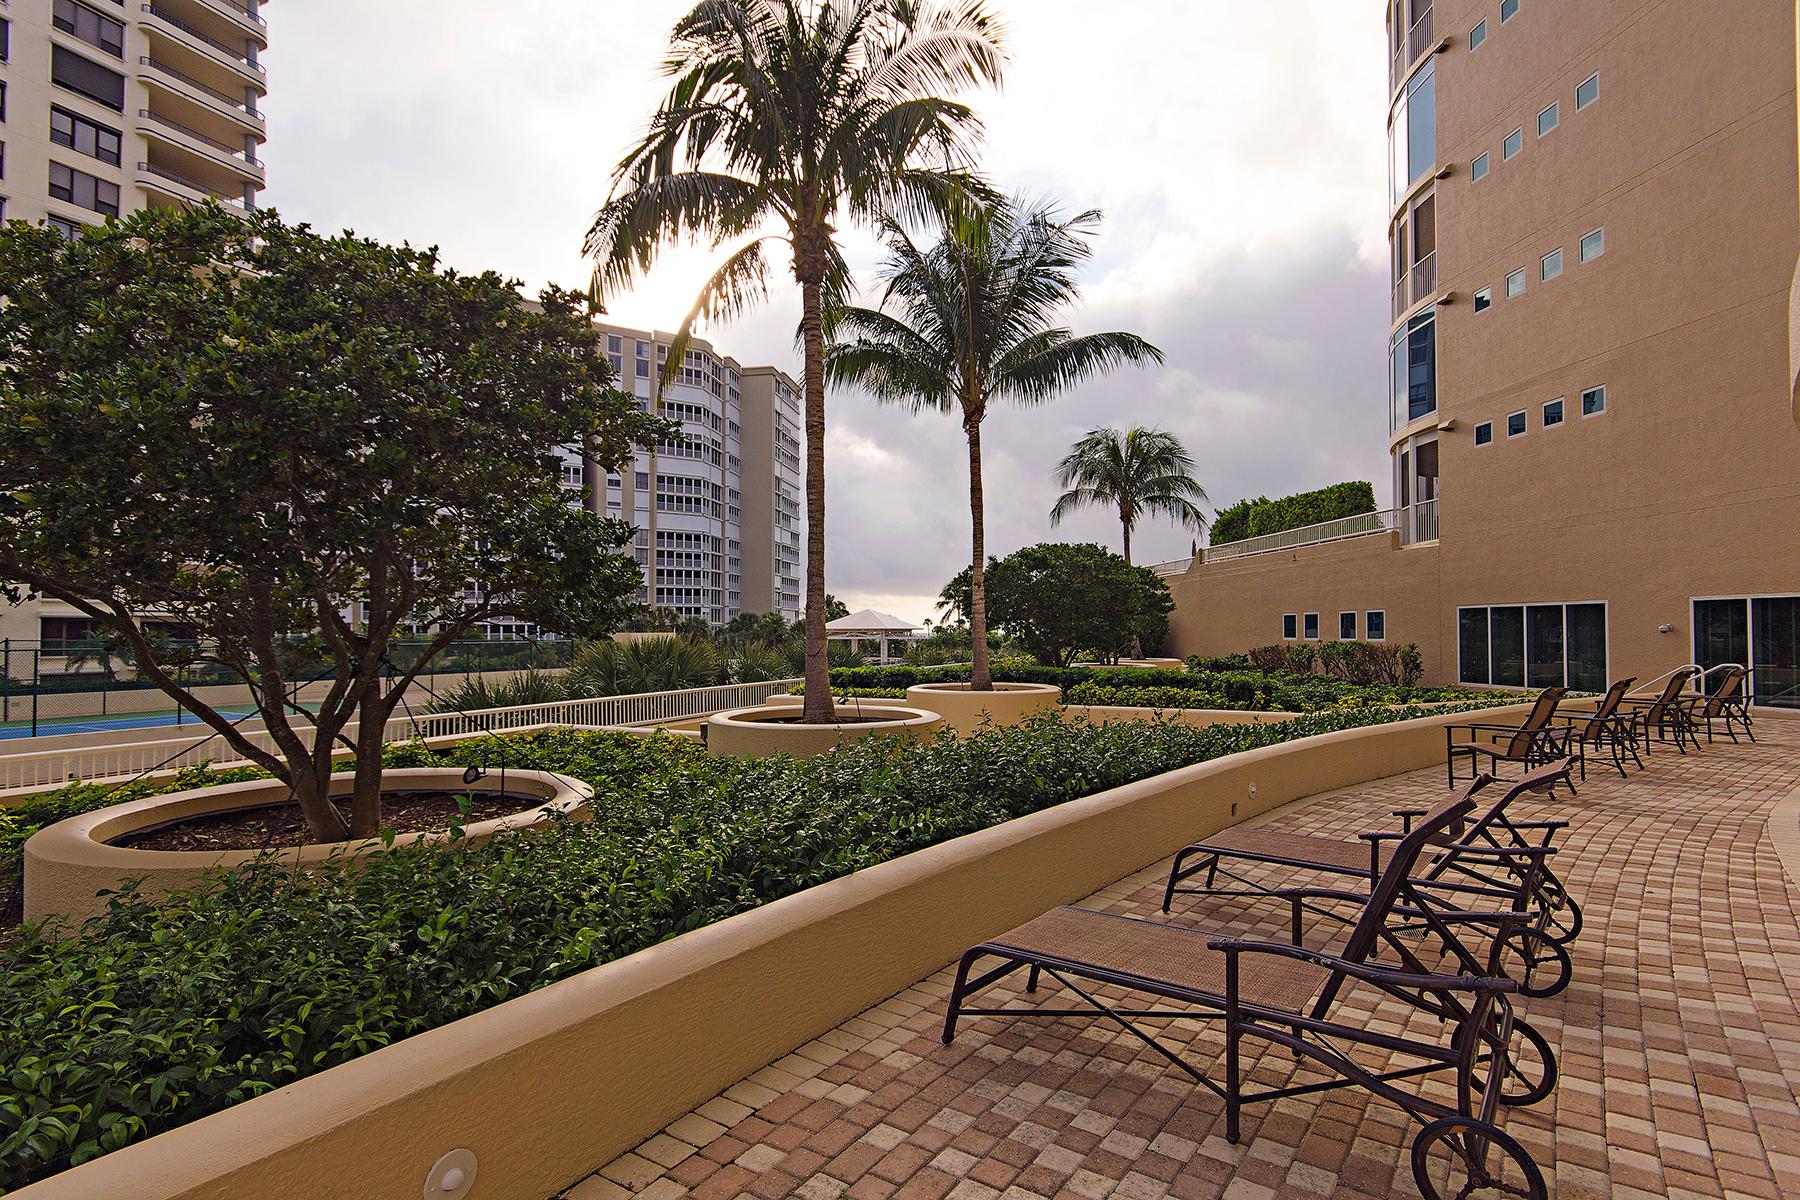 Condomínio para Venda às PARK SHORE - ARIA 4501 Gulf Shore Blvd Blvd N 301 Naples, Florida, 34103 Estados Unidos